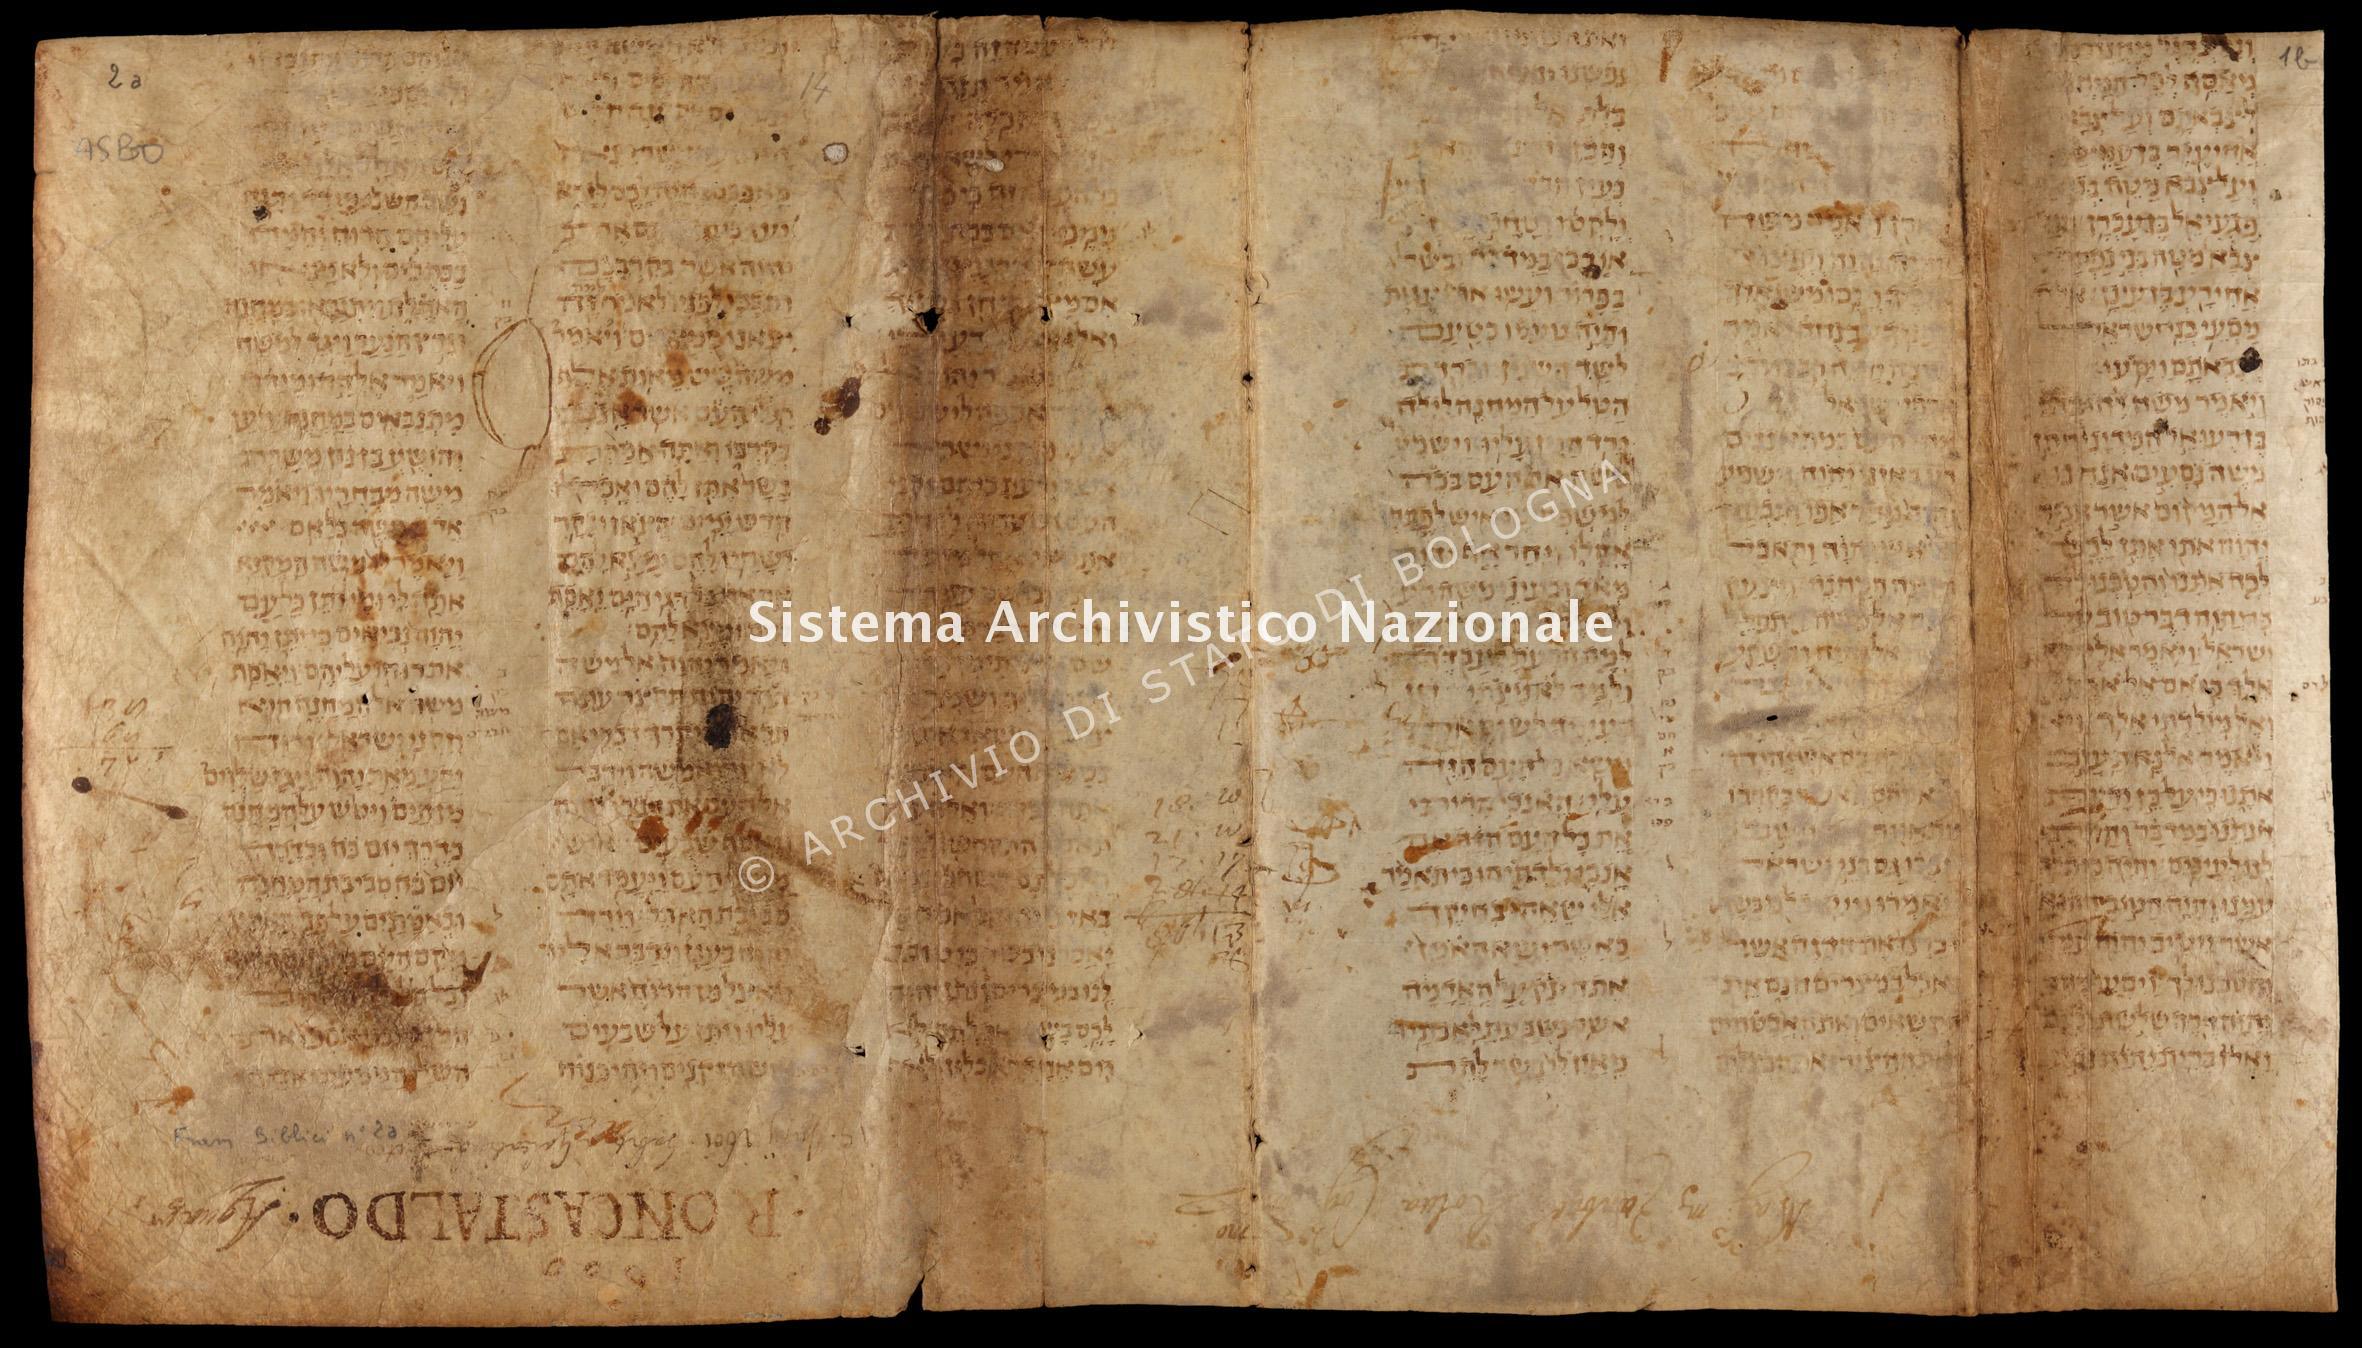 B.01.000, Archivio di Stato di Bologna, Frammenti di manoscritti, Frammenti di manoscritti ebraici, Frammento n. 040, verso